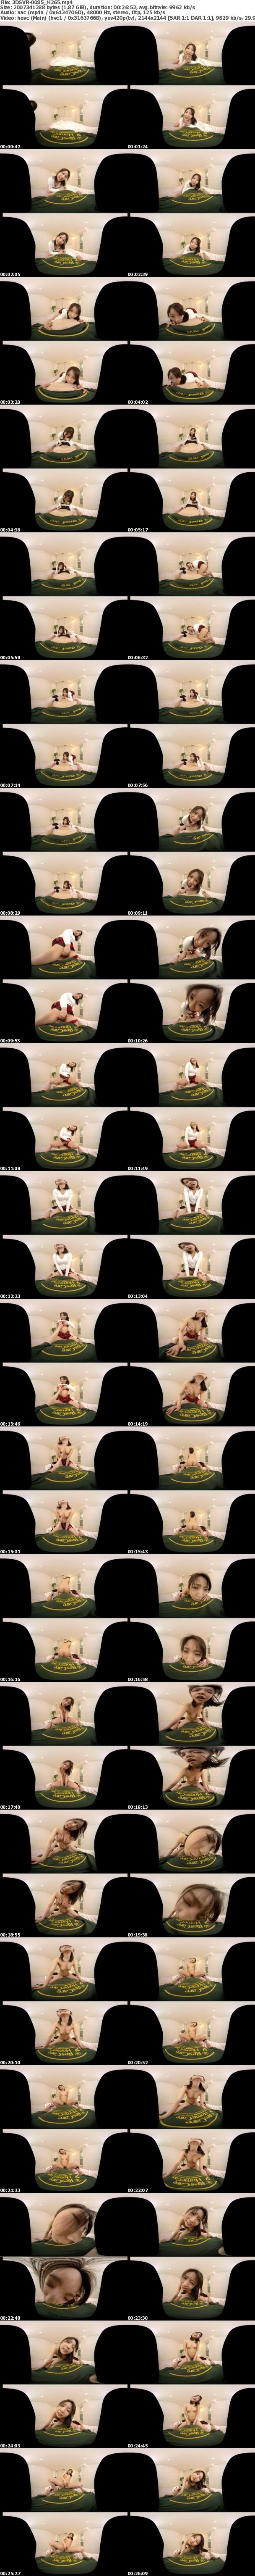 VR/3D 3DSVR-0085 【VR】アナタの赤ちゃんが欲しい戸田真琴が耳元で何度も何度も中出しを懇願するナマ挿入受精孕ませSEX